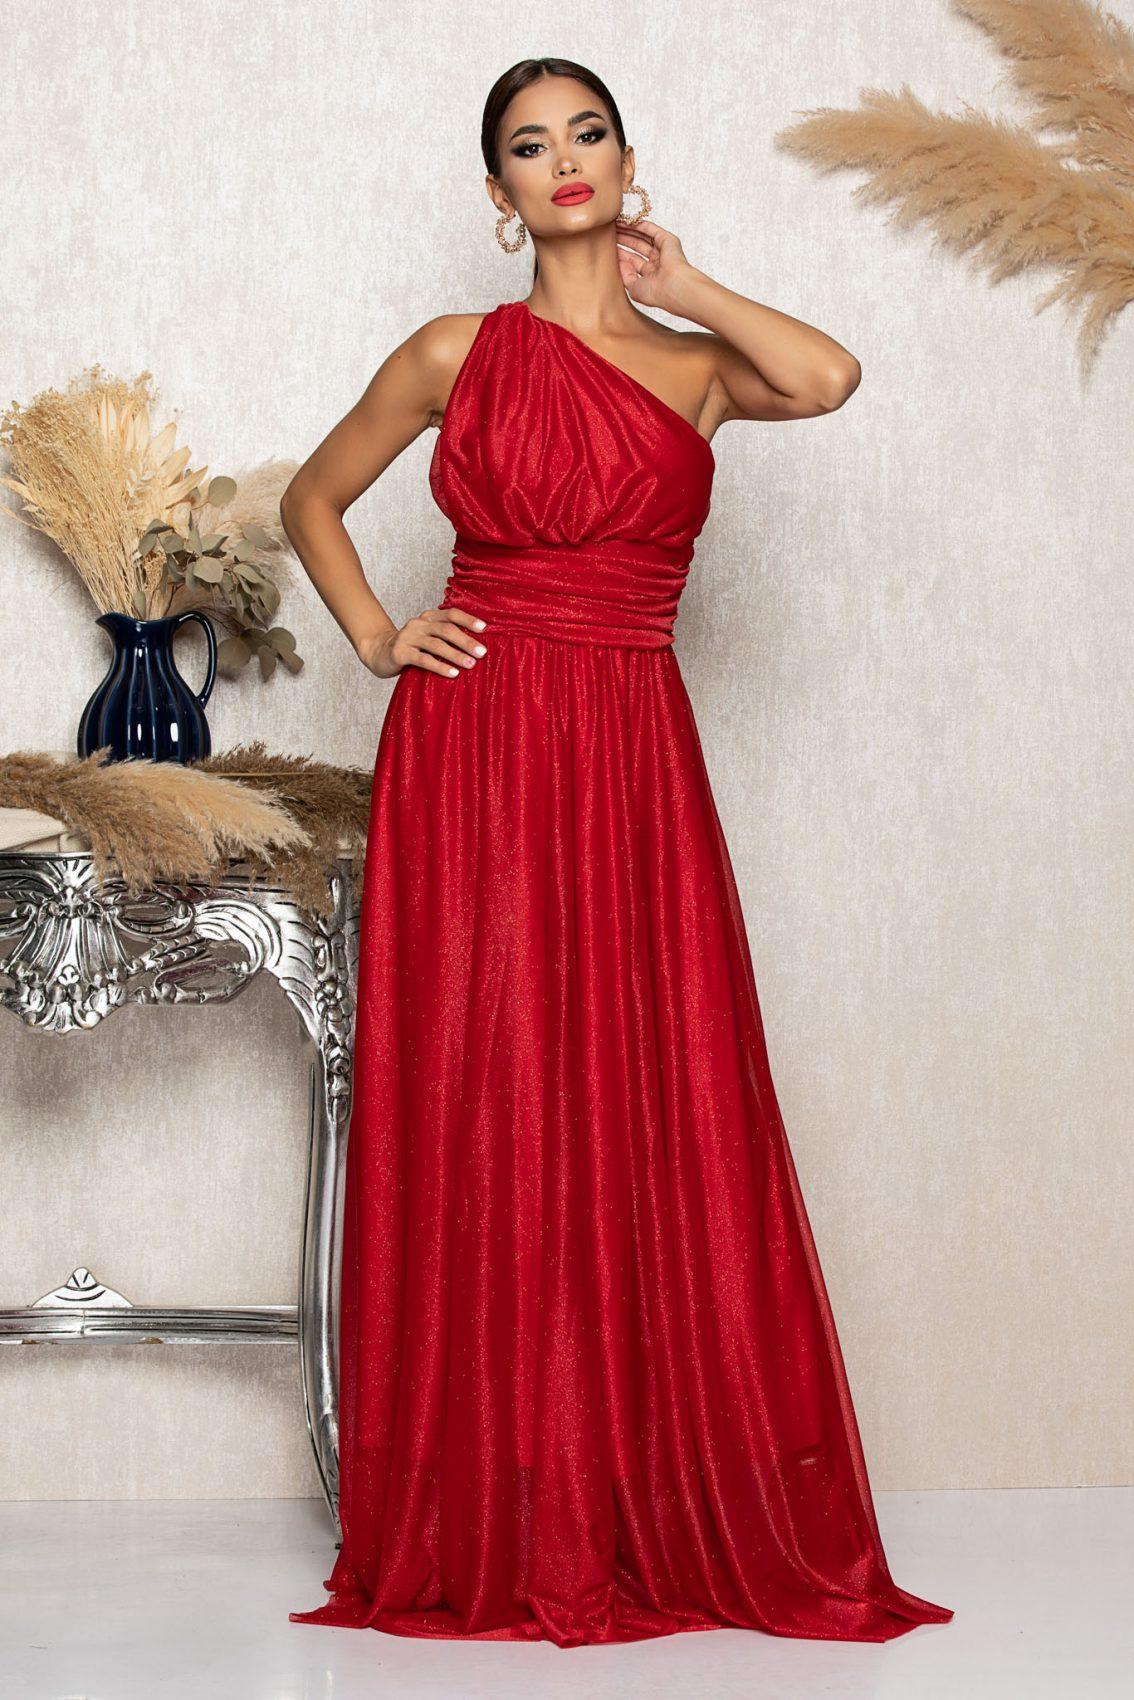 Κόκκινο Μάξι Αμπιγιέ Φόρεμα Divissima A1052 1